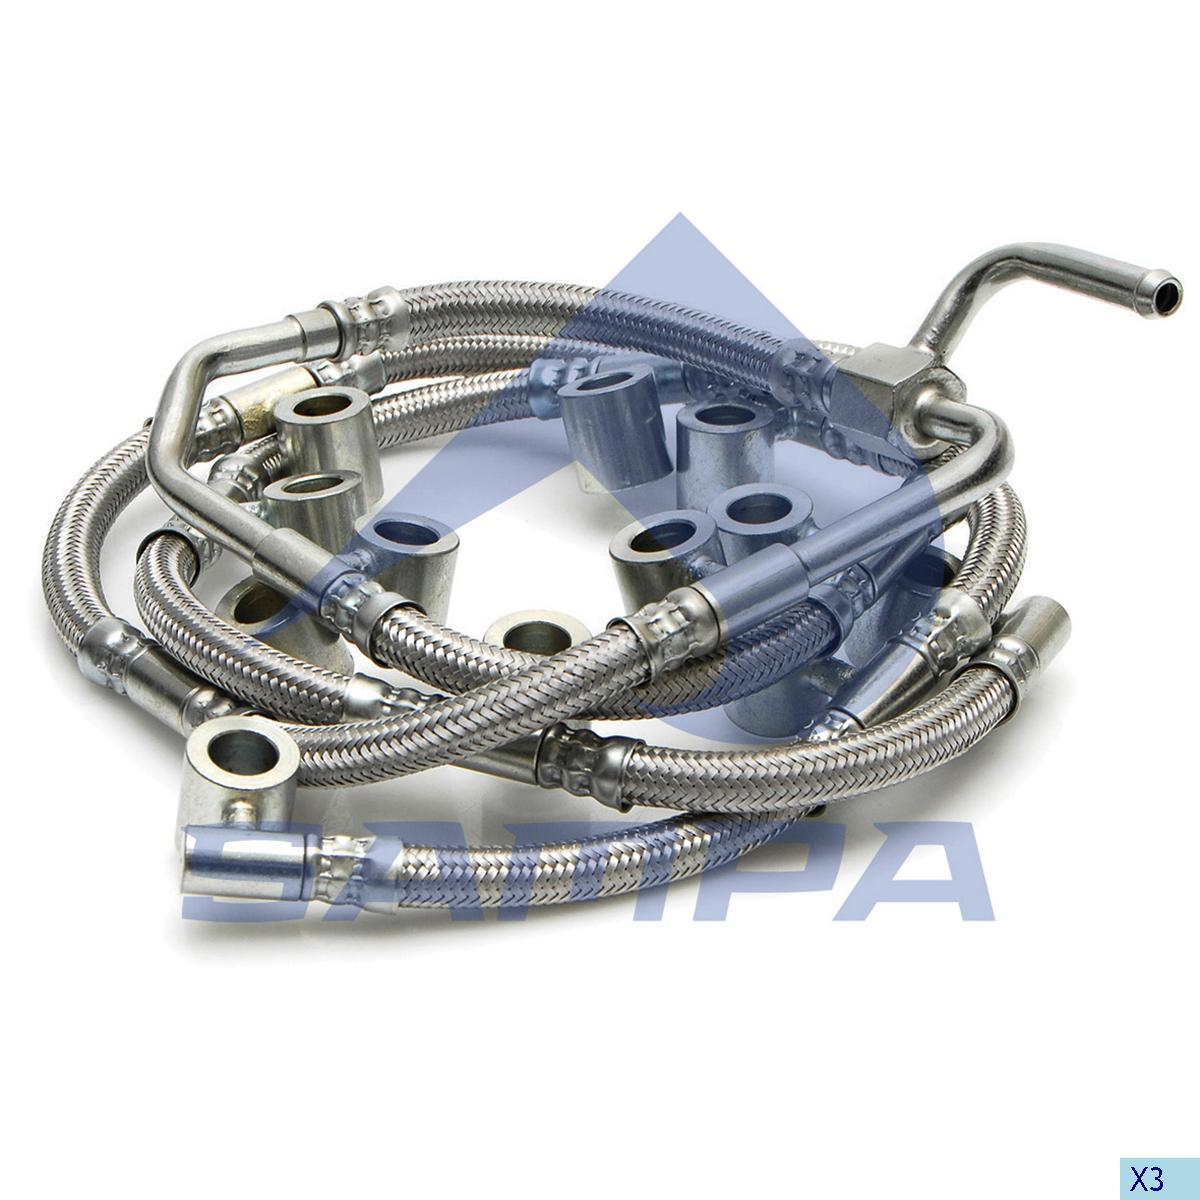 Pipe, Injector, R.V.I., Engine